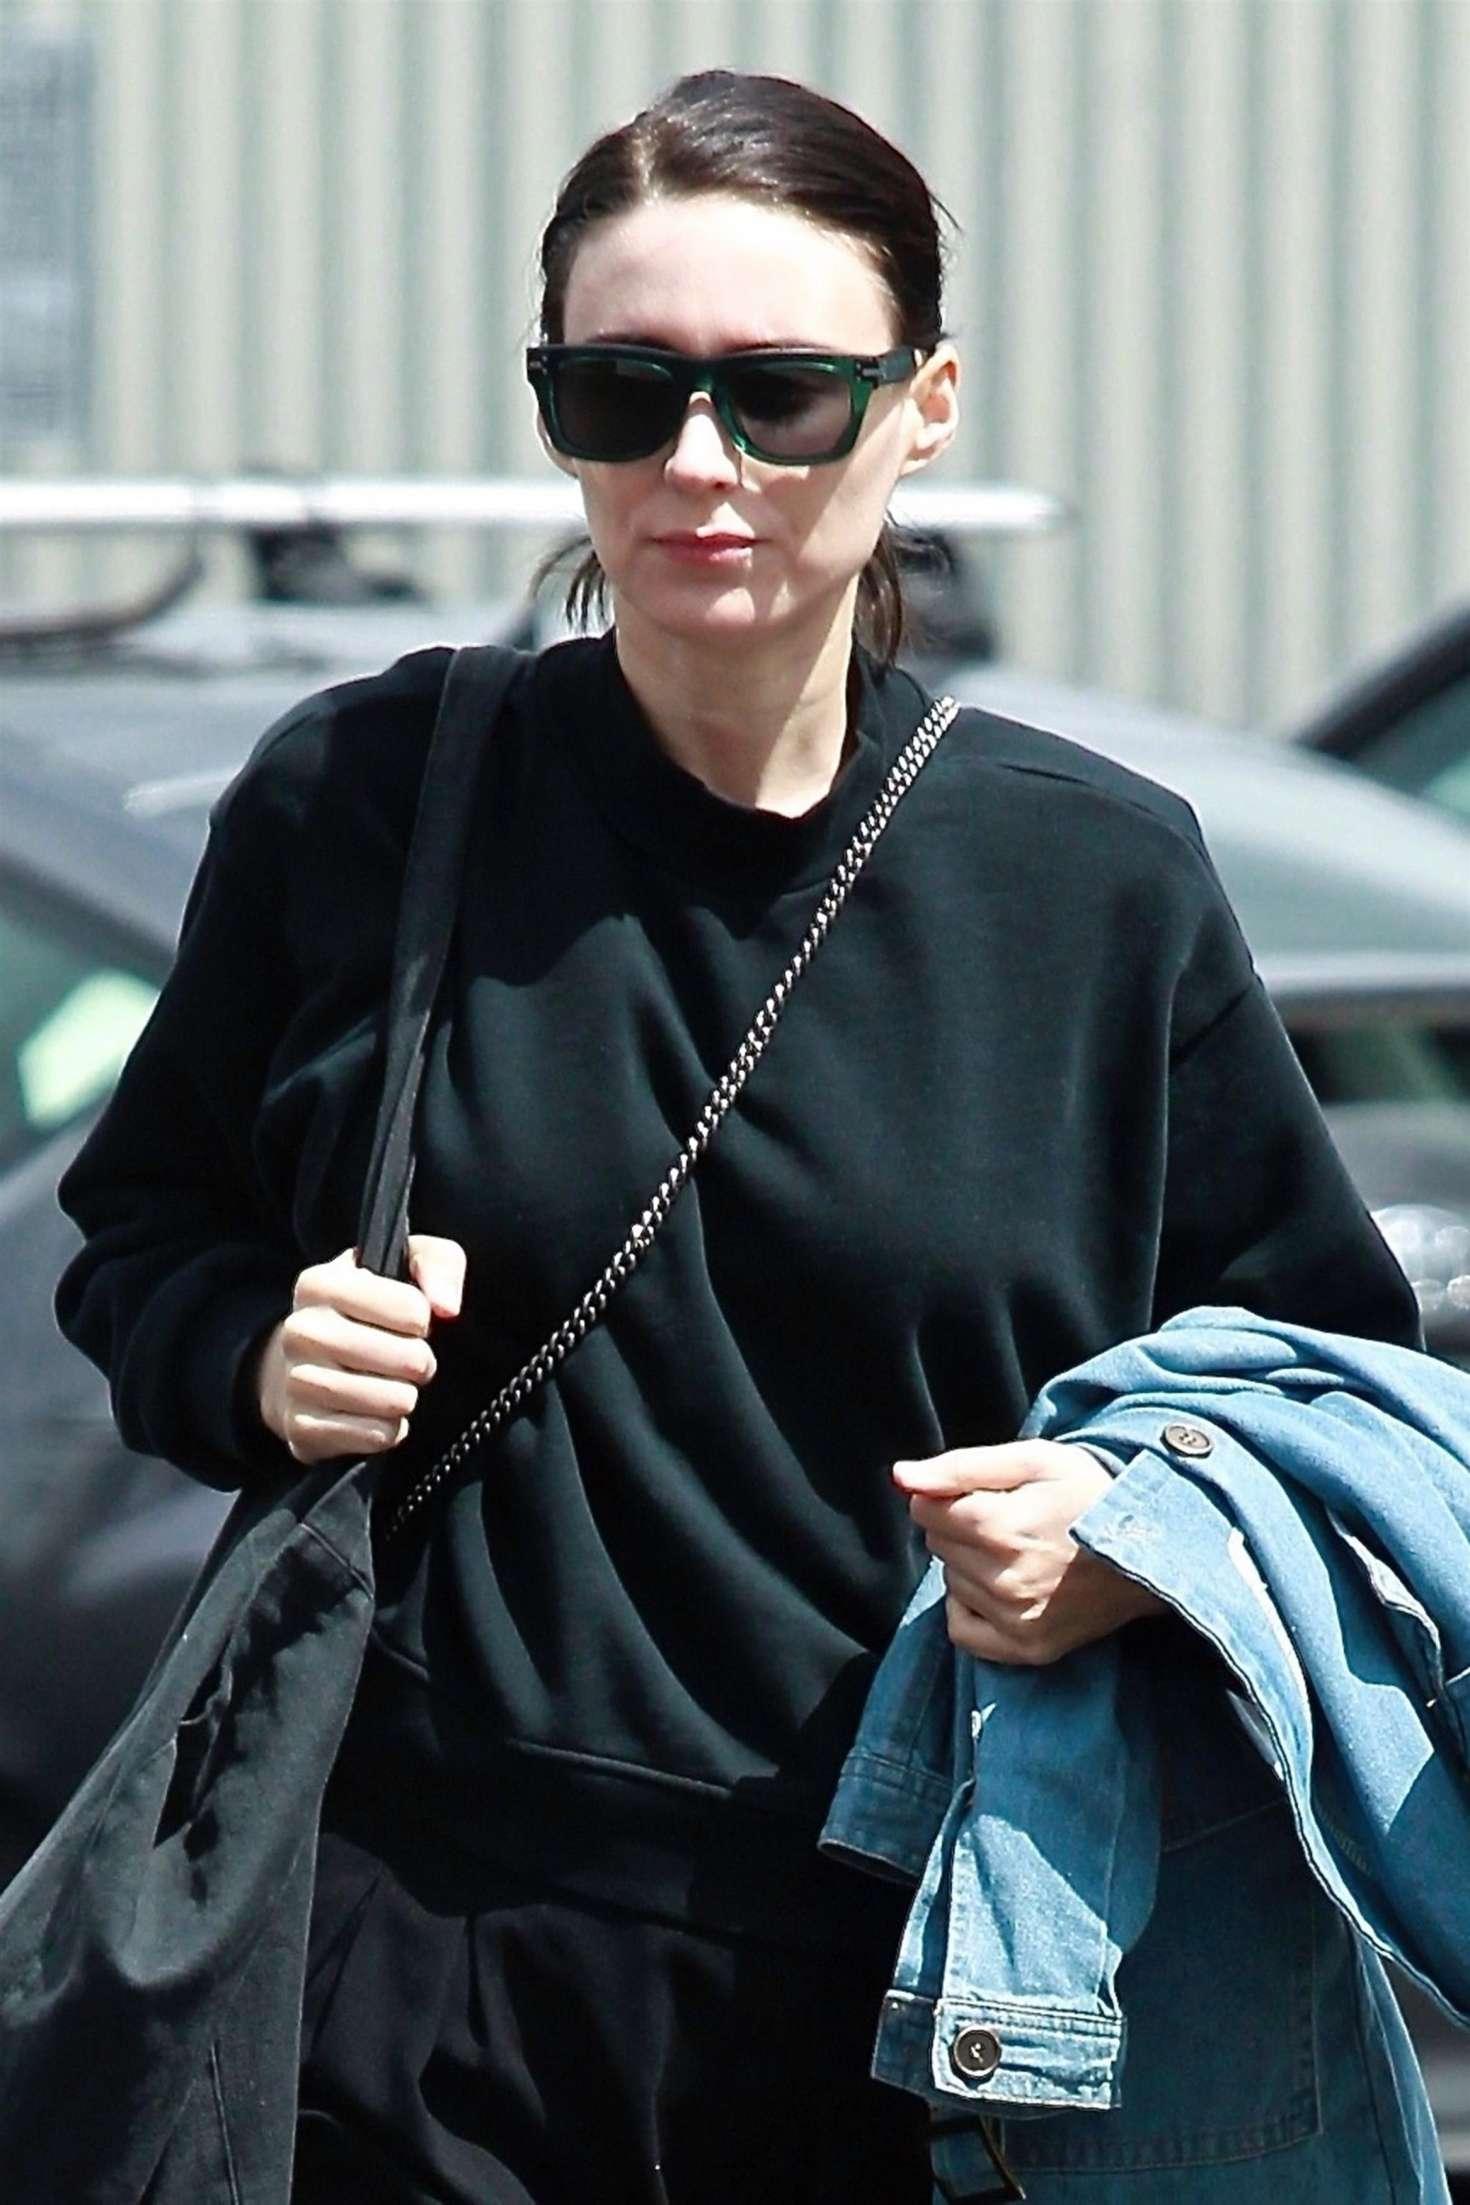 Rooney Mara 2018 : Rooney Mara in Black Out in Los Angeles -02